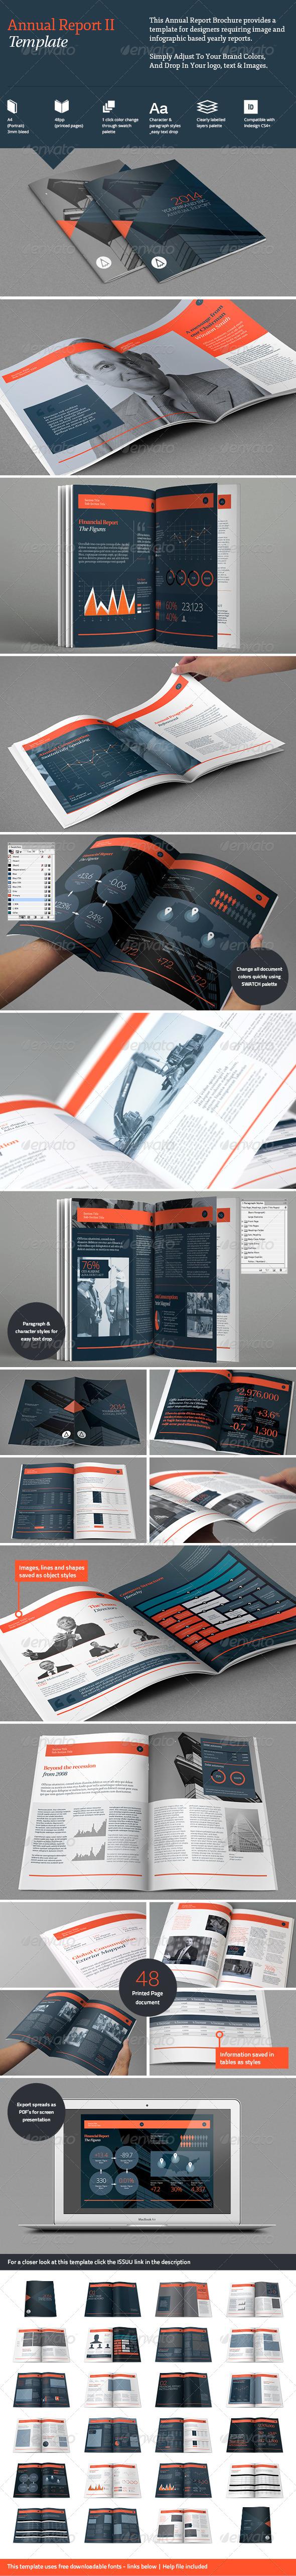 Annual Report II - Informational Brochures